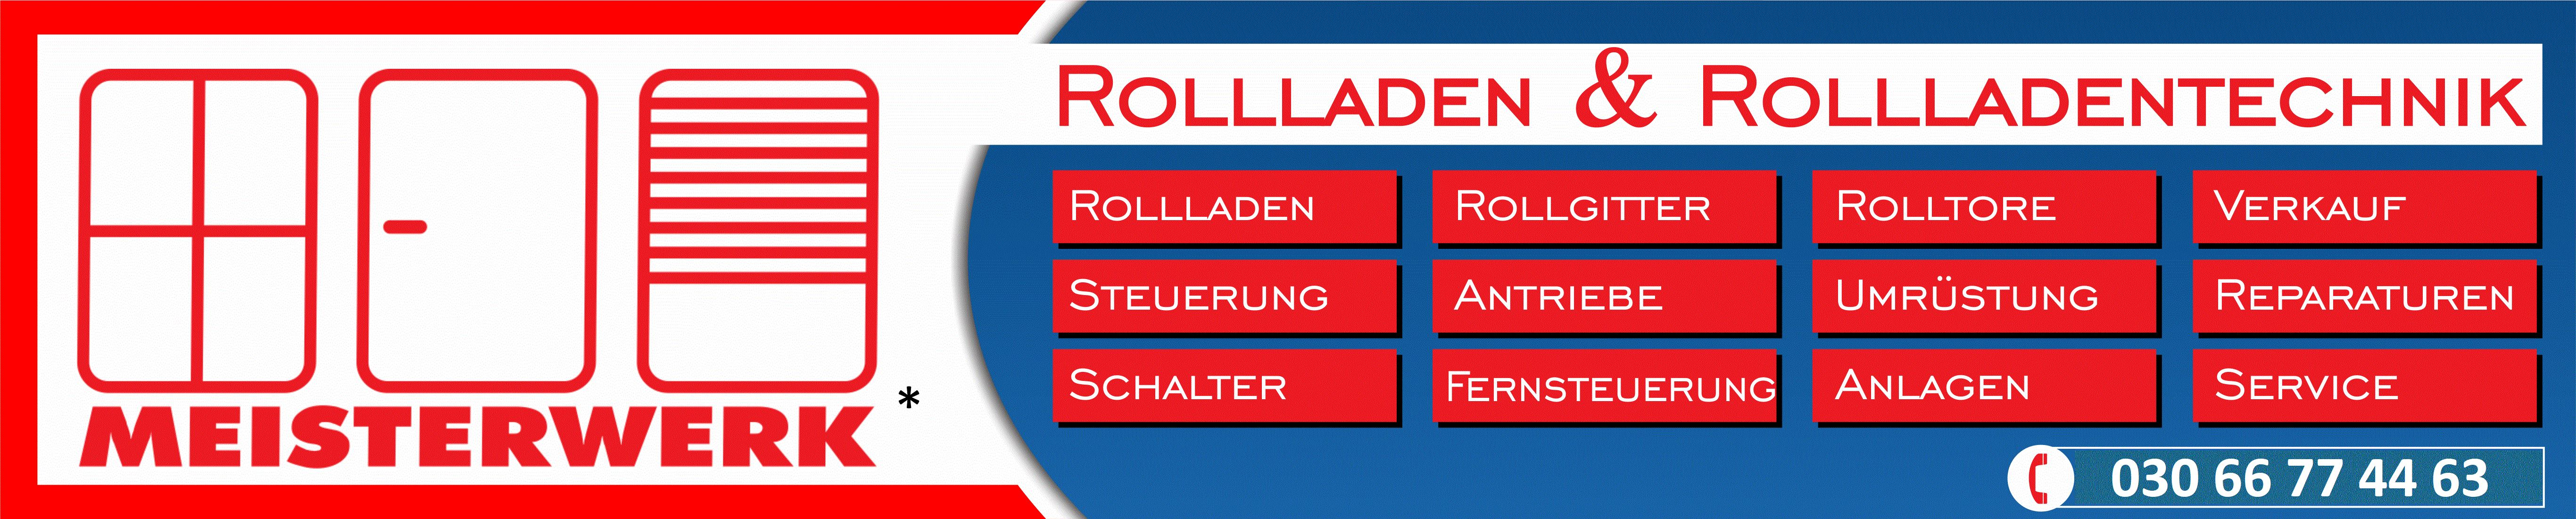 Rollladen Reparatur Umbau Und Umr Sten Von Roll Den Auf